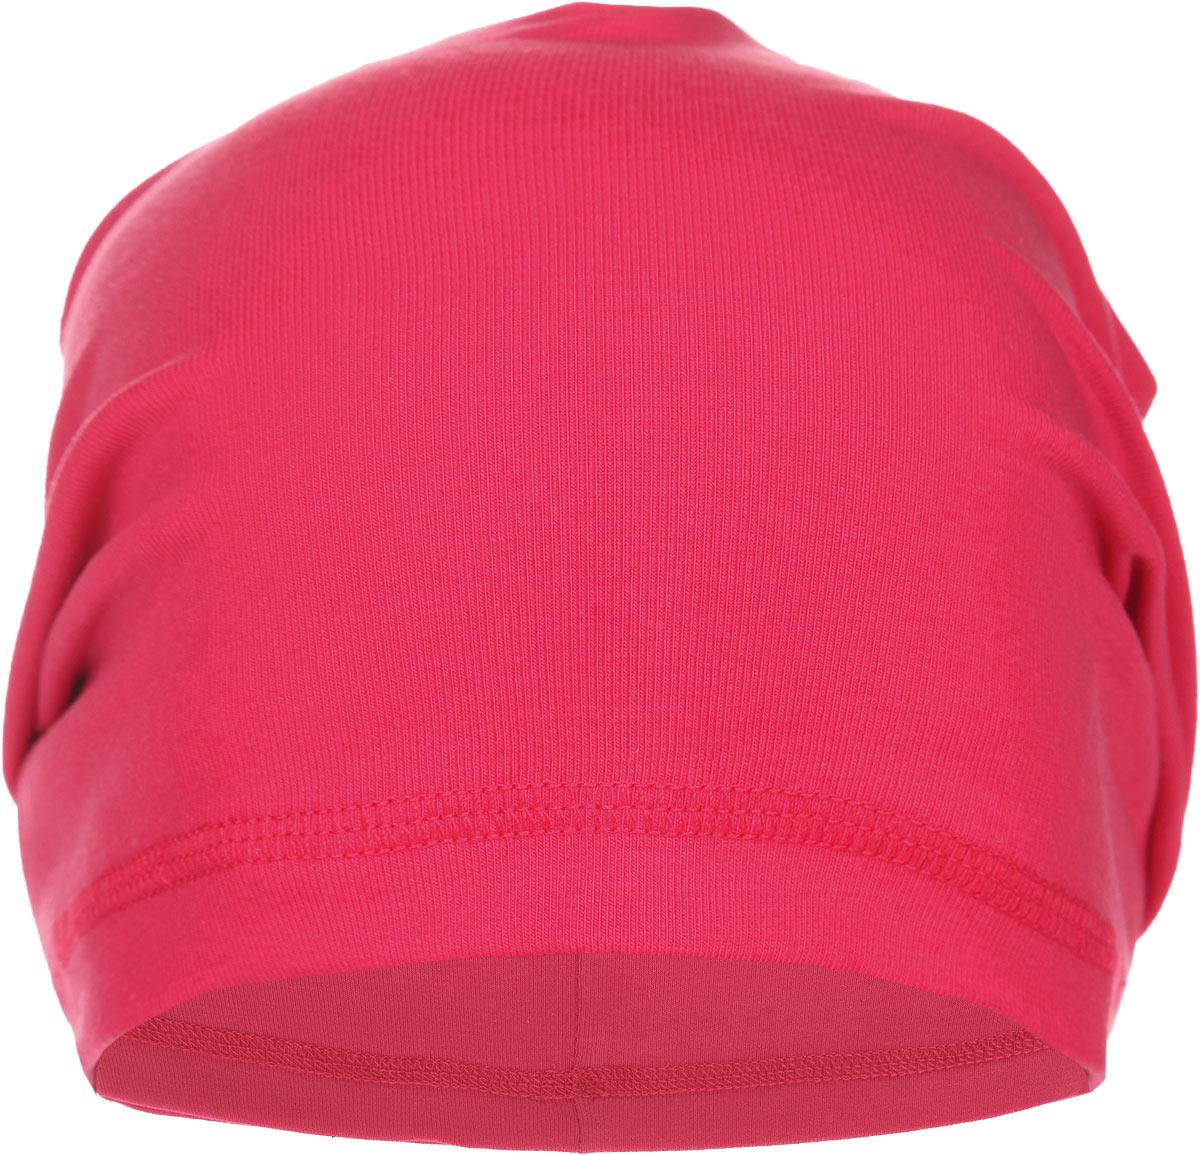 Шапка для девочки. 162036162036Яркая шапка для девочки PlayToday станет стильным дополнением к детскому гардеробу. Удлиненная модель шапки выполнена из мягкого двуслойного трикотажа, очень приятная на ощупь, идеально прилегает к голове. Современный дизайн и расцветка делают эту шапку модным детским аксессуаром. В ней ваш ребенок будет чувствовать себя уютно, комфортно и всегда будет в центре внимания! Уважаемые клиенты! Размер, доступный для заказа, является обхватом головы.